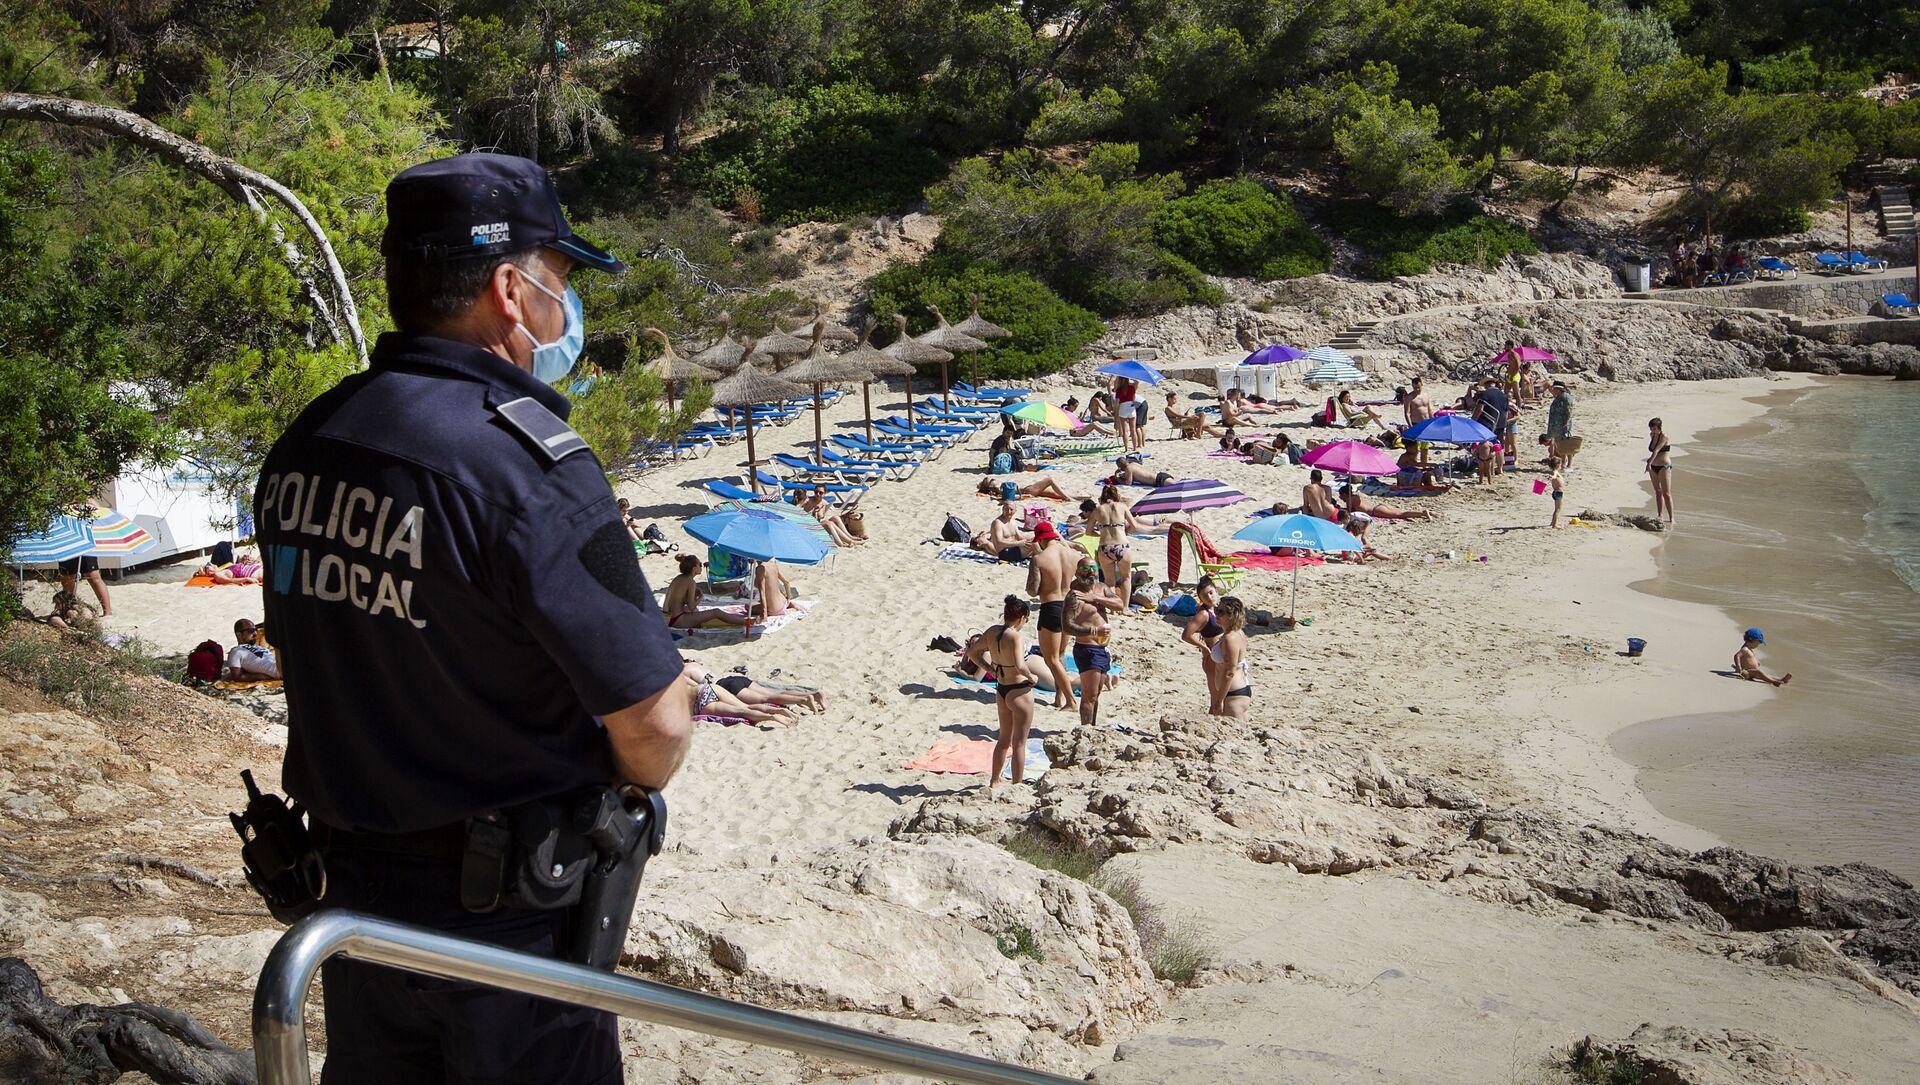 Policía vigilando las playas de Mallorca - Sputnik Mundo, 1920, 21.08.2020